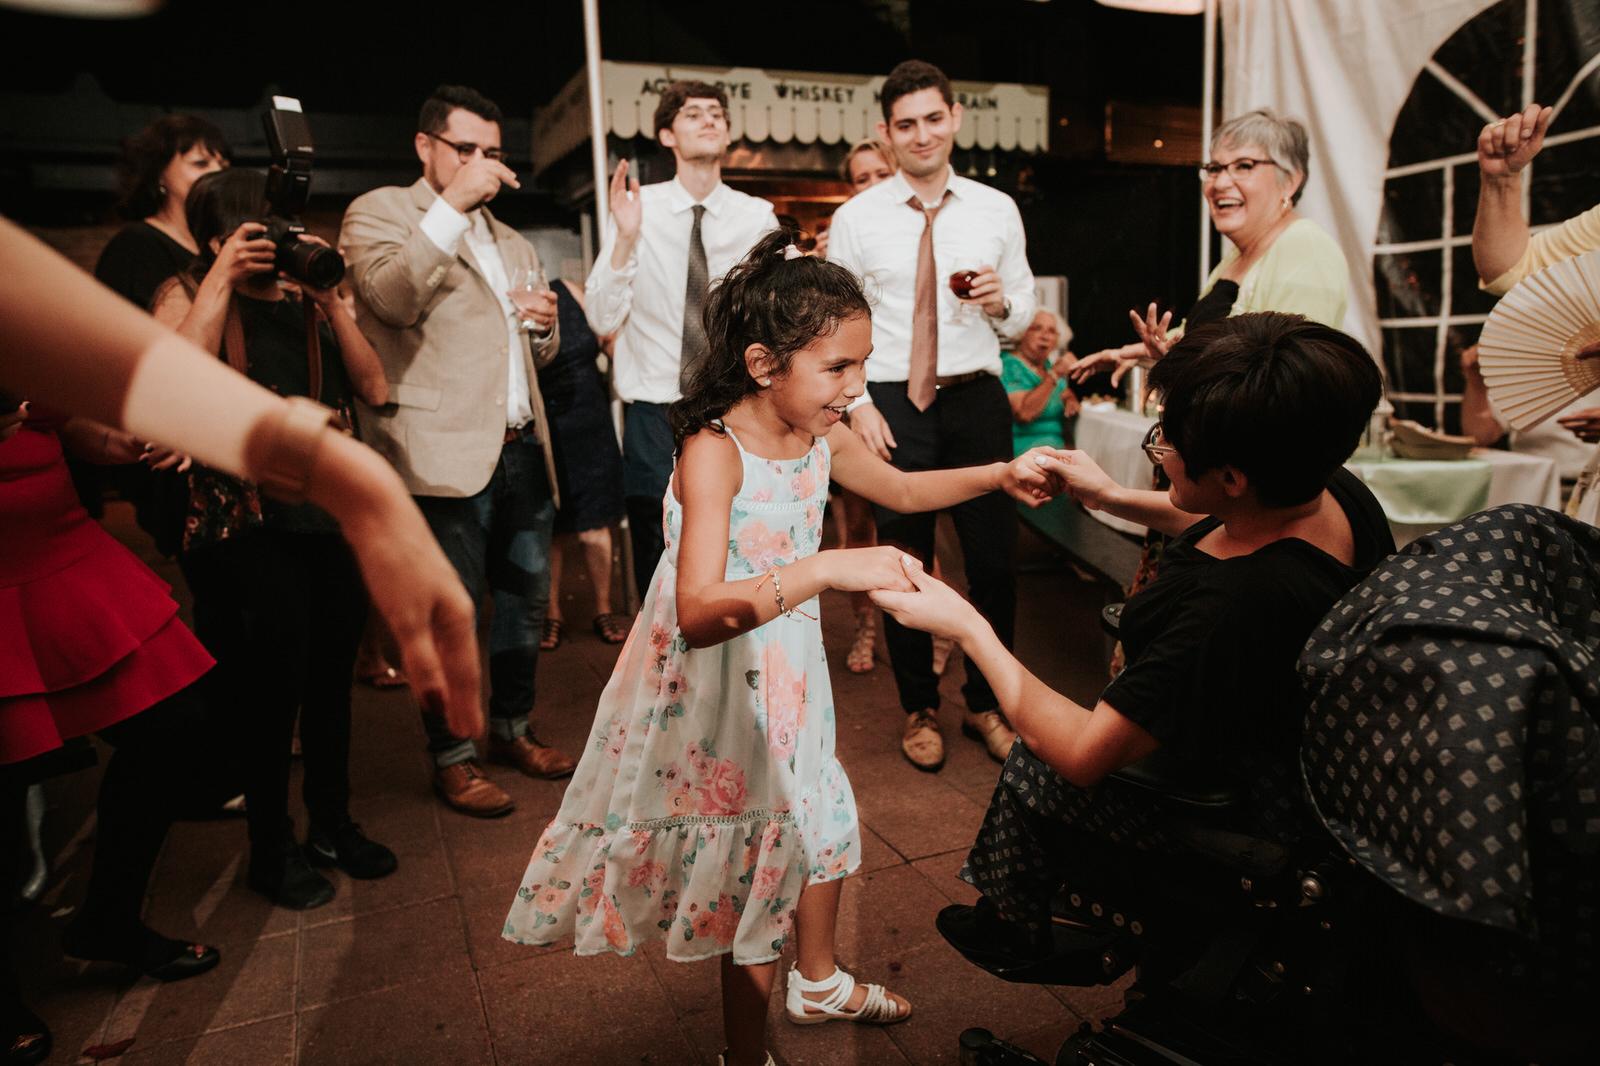 Waller Ballroom Wedding Photography, Easy Tiger Wedding Photography, Austin Wedding Venue, Texas Wedding Photographer, Austin Wedding Photography